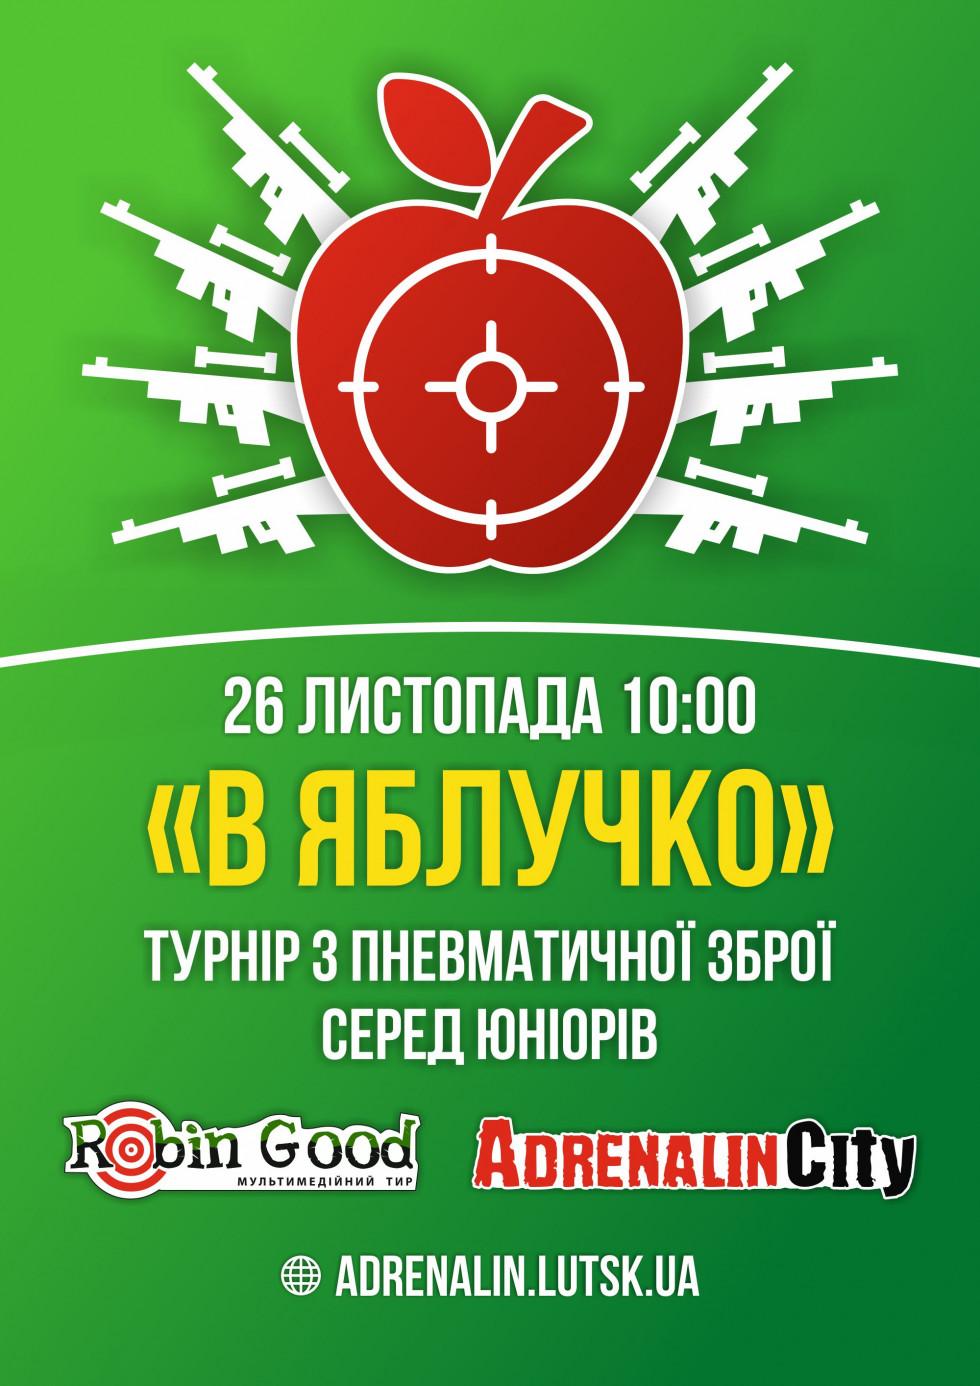 Турнір зі стрільби з пневматичної зброї чекає саме тебе!